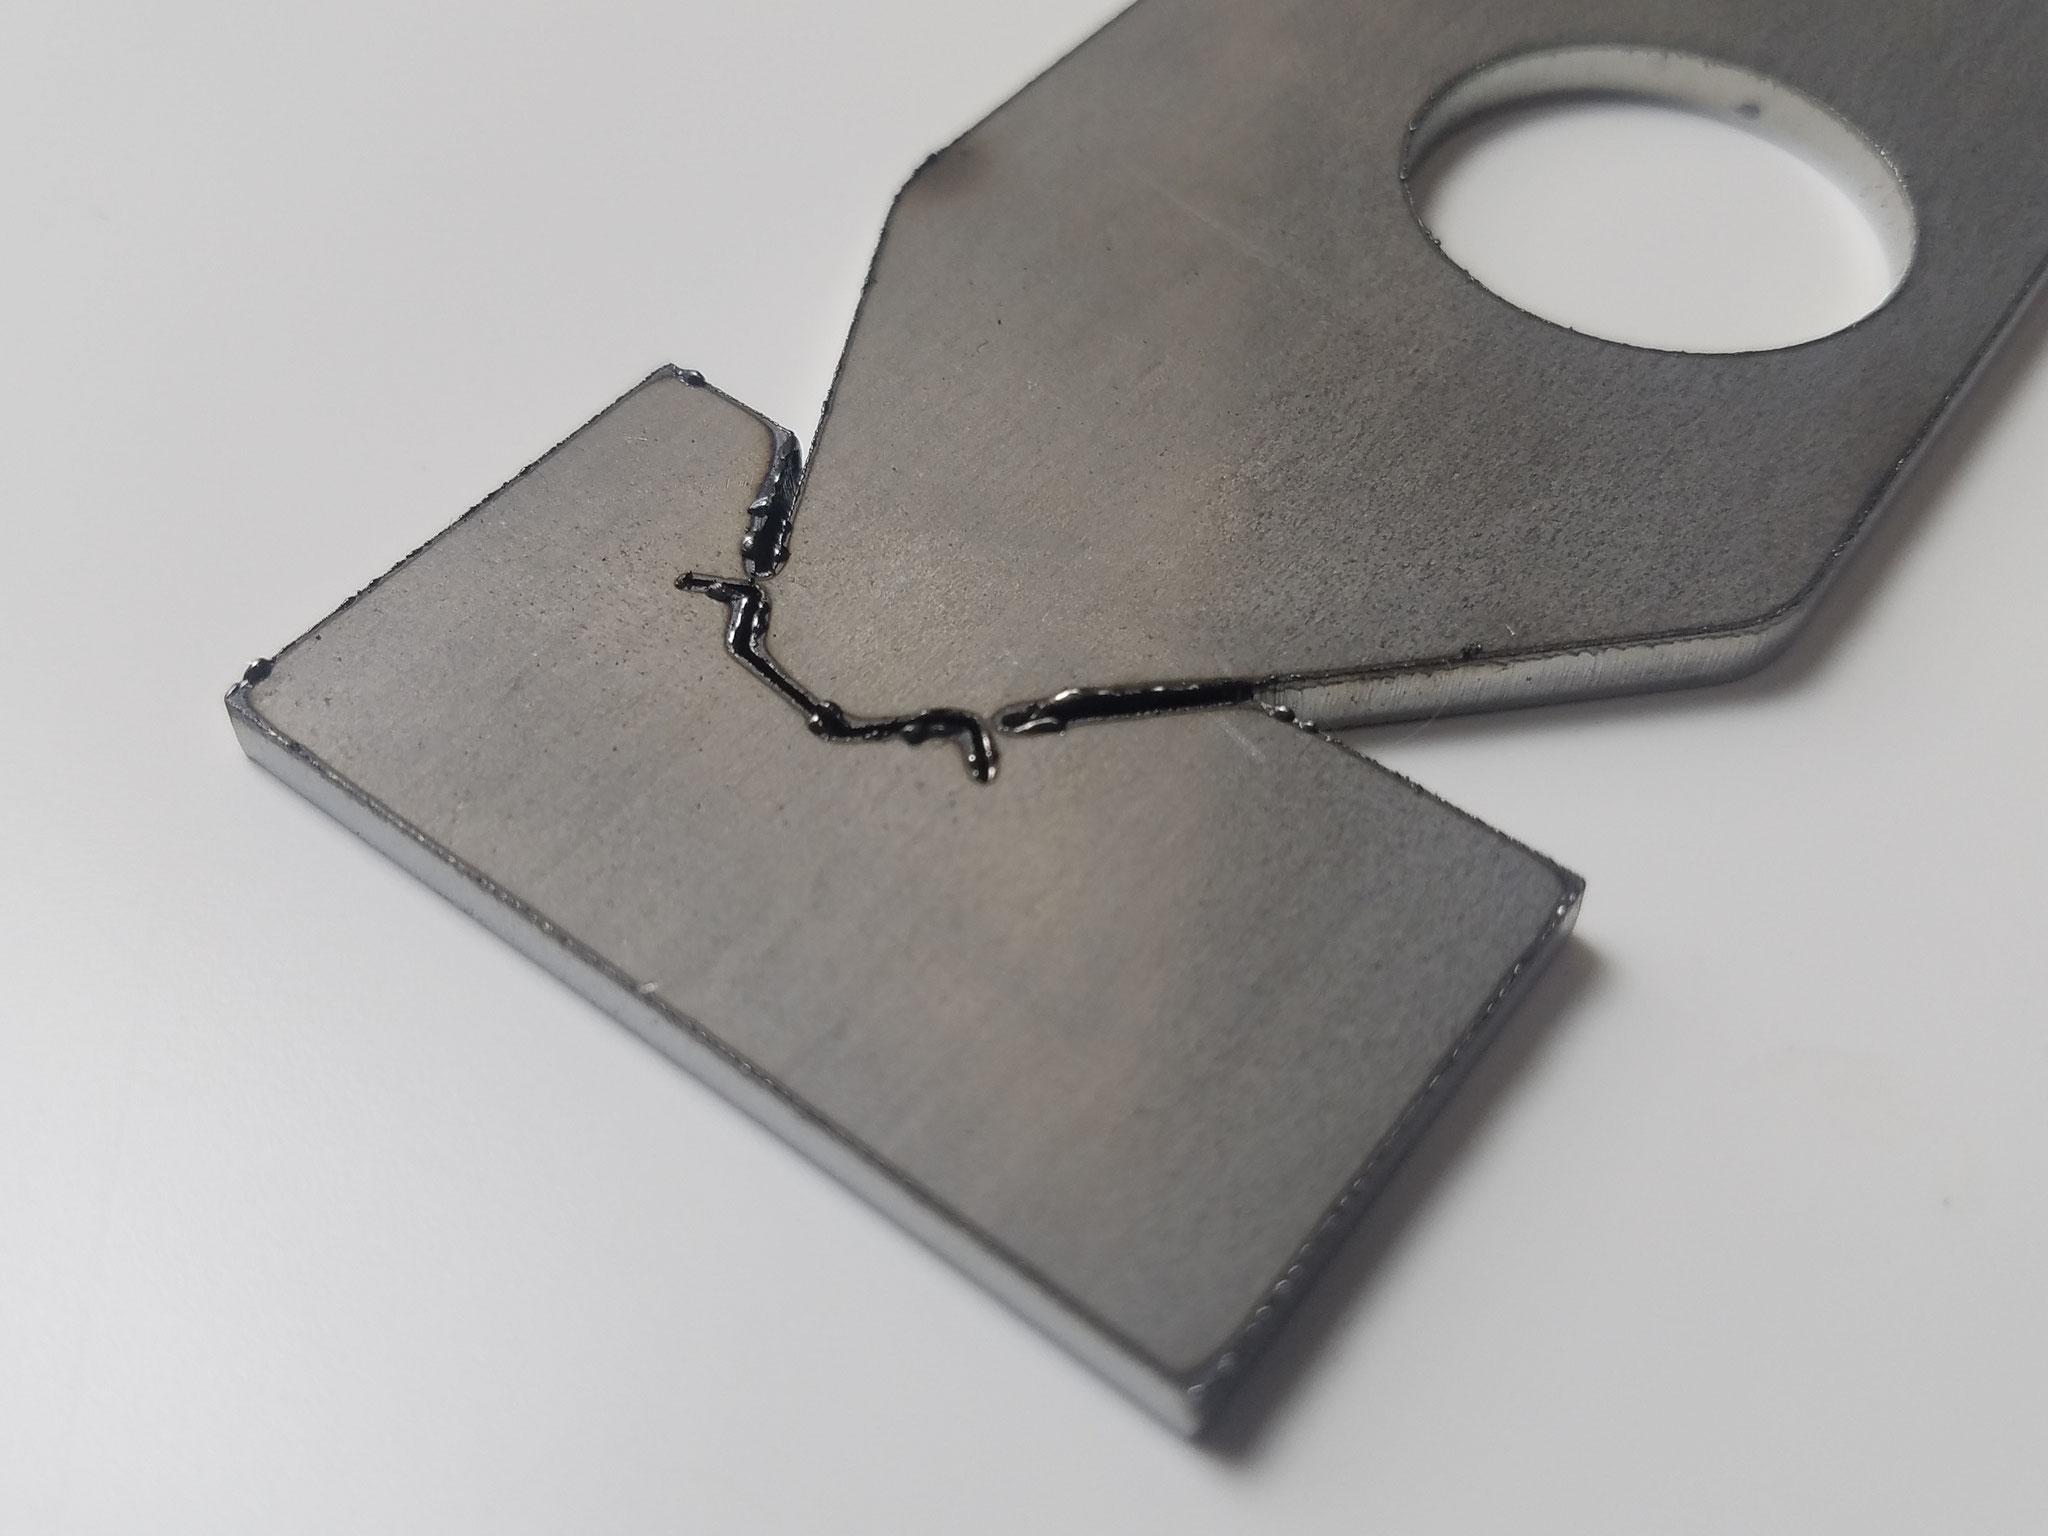 SPHC-P t=3.2㎜ ファイバーレーザー窒素加工 窒化した硬いドロス有。